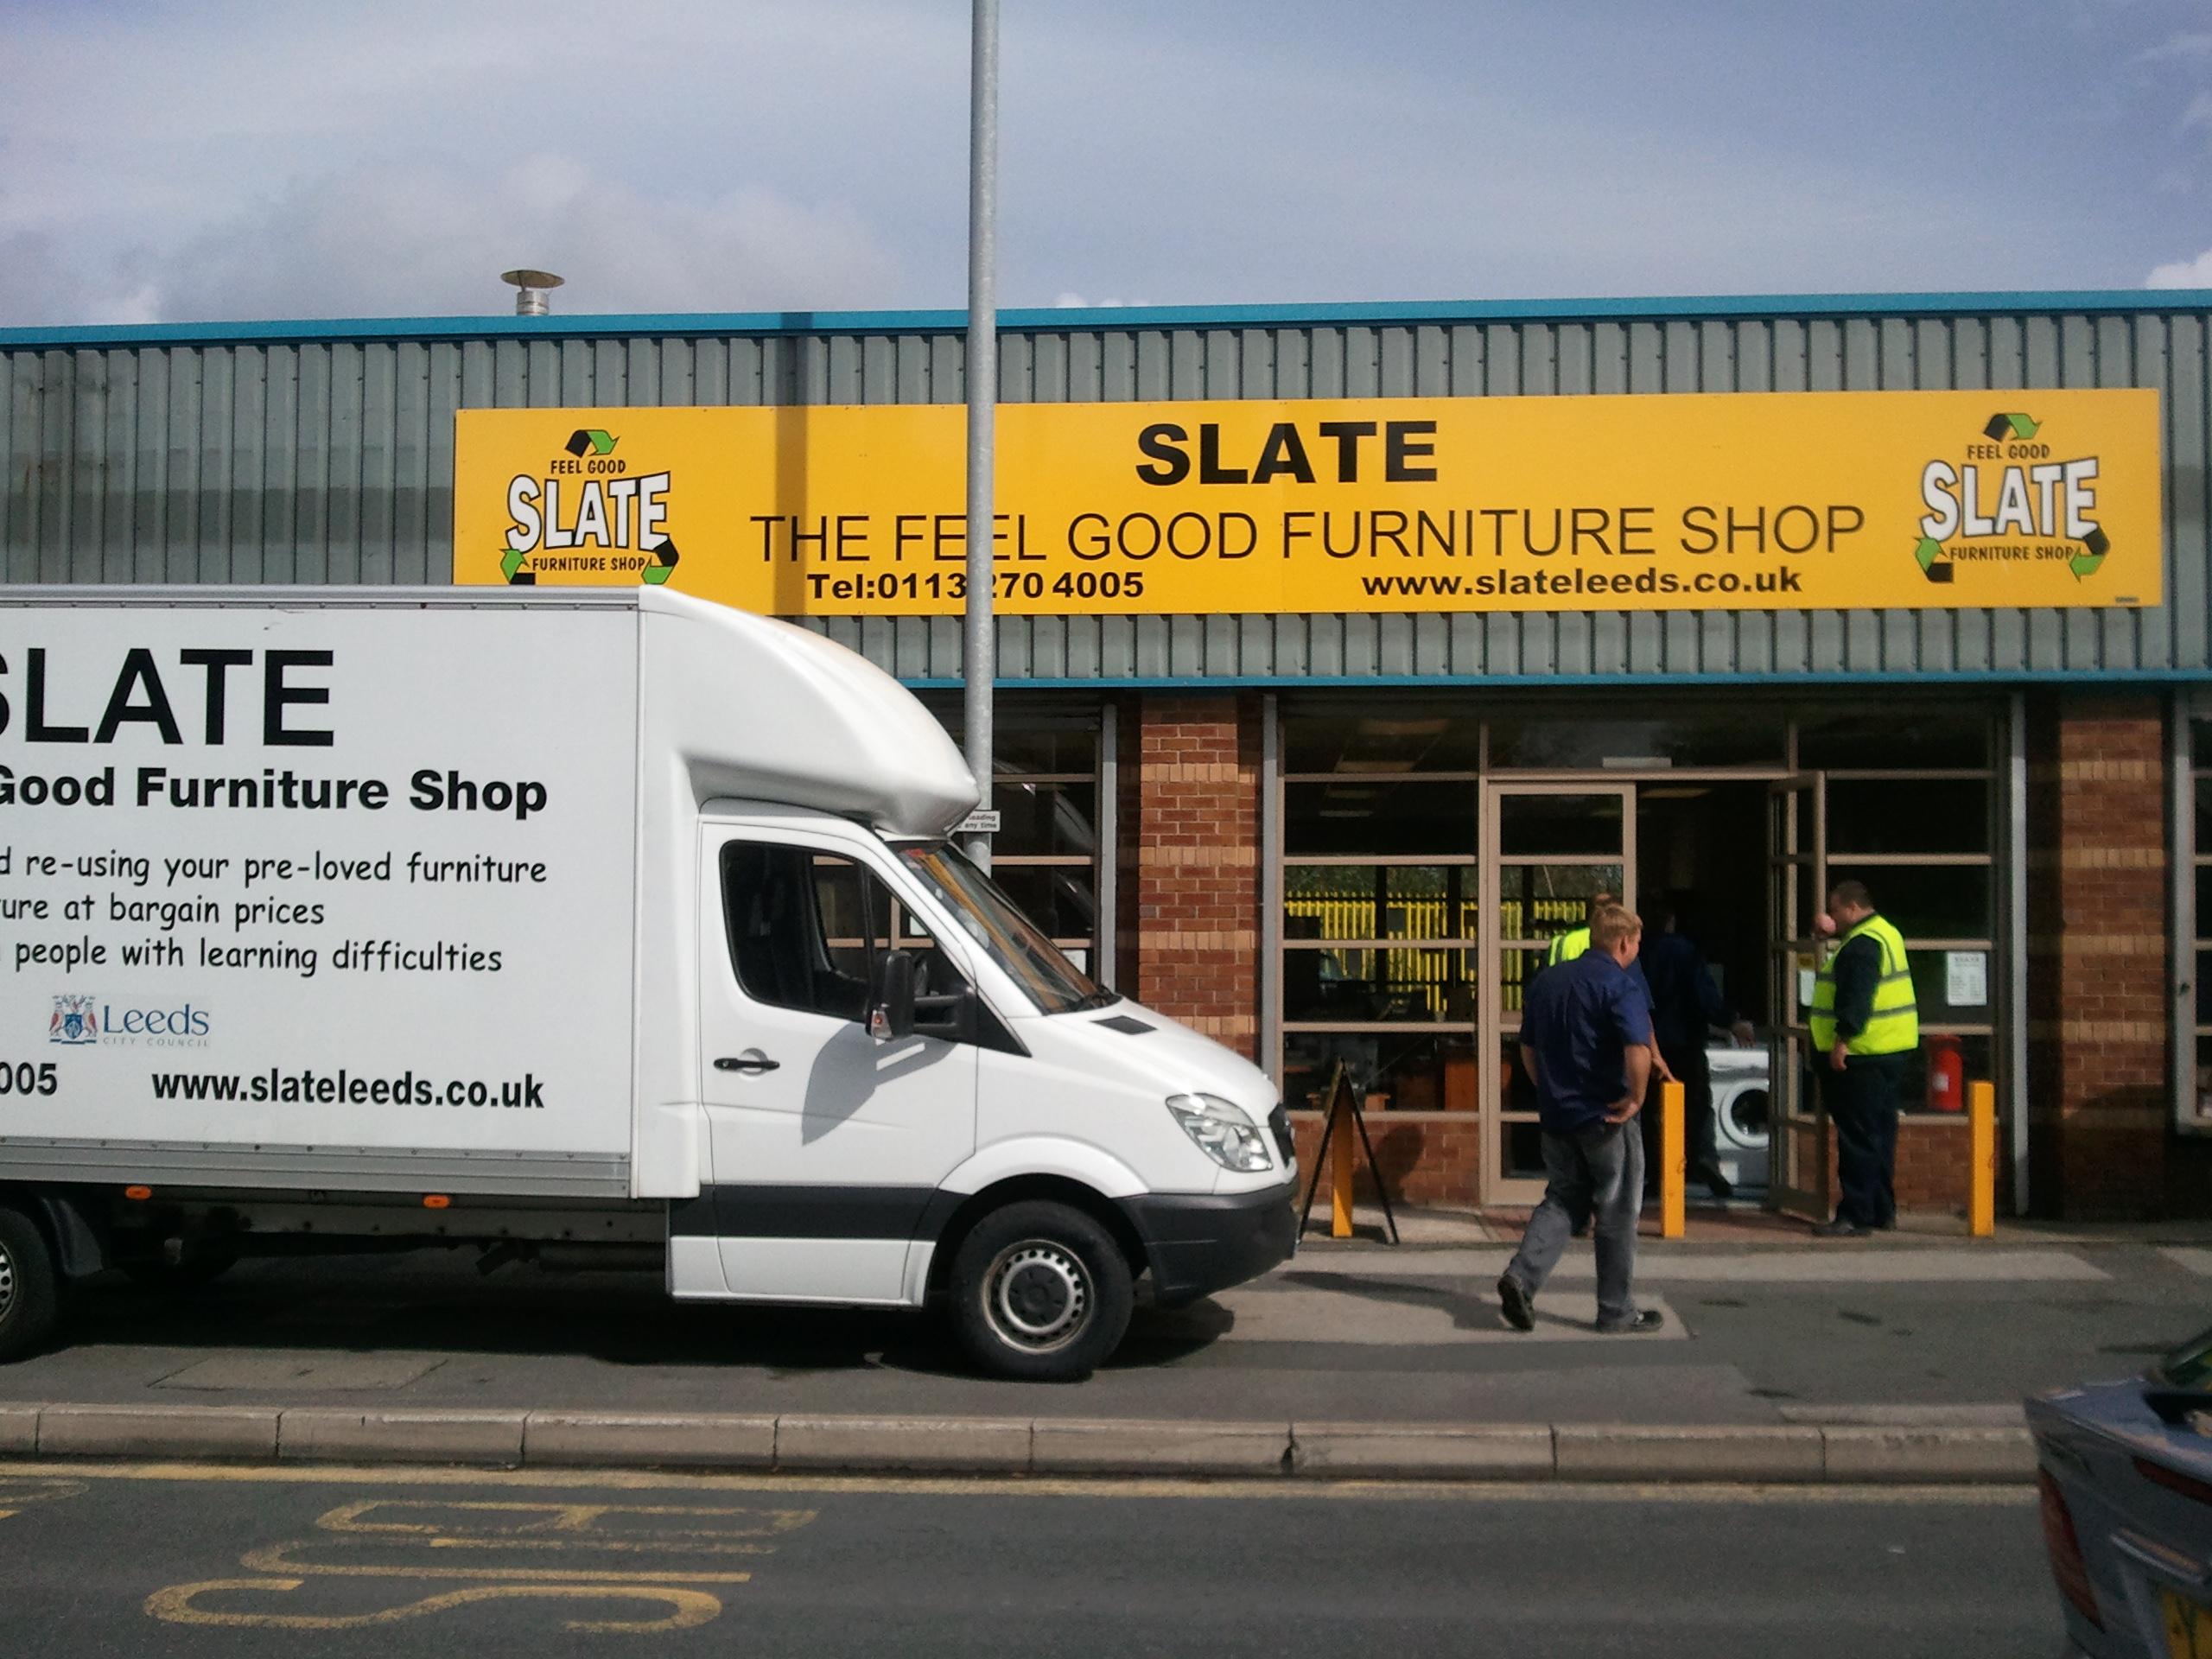 slate Van front of shop 2